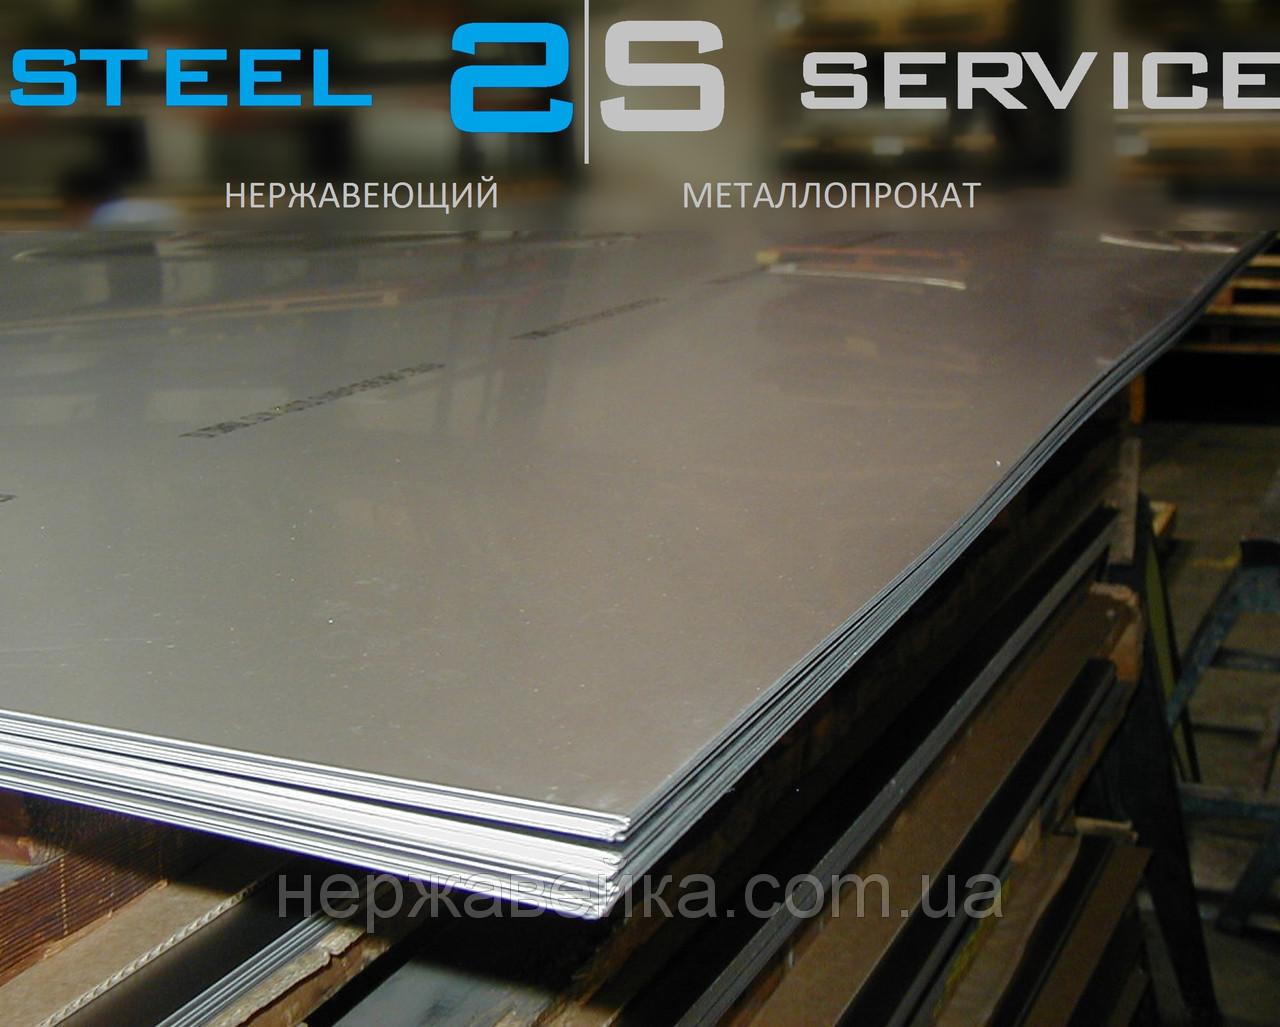 Нержавейка лист 1,5х1000х2000мм AISI 430(12Х17) 4N - шлифованный, технический